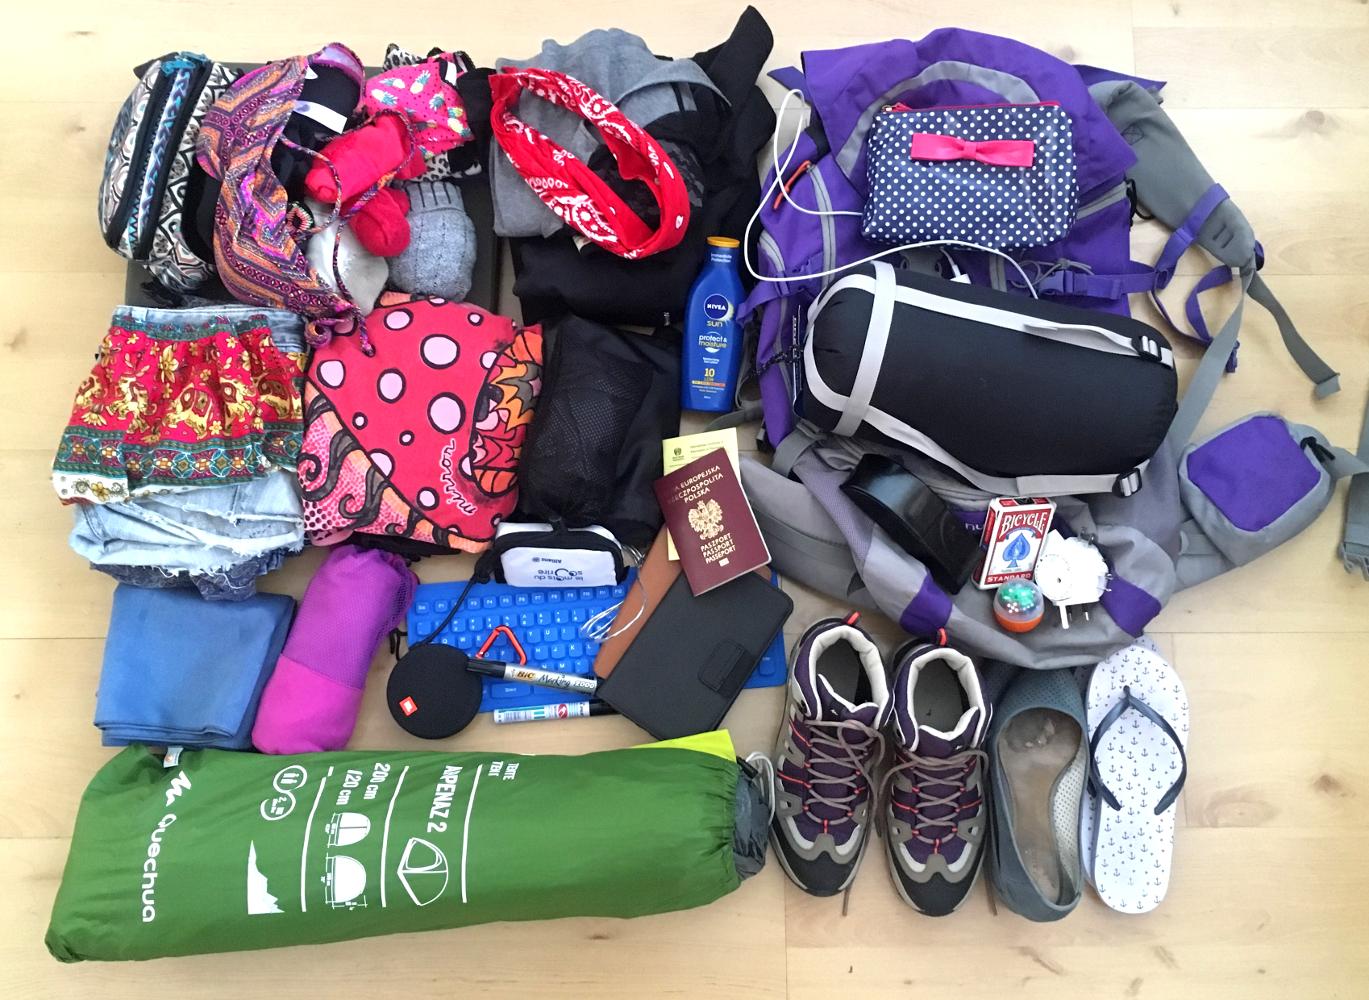 moje wywody.: New Zealand packing list